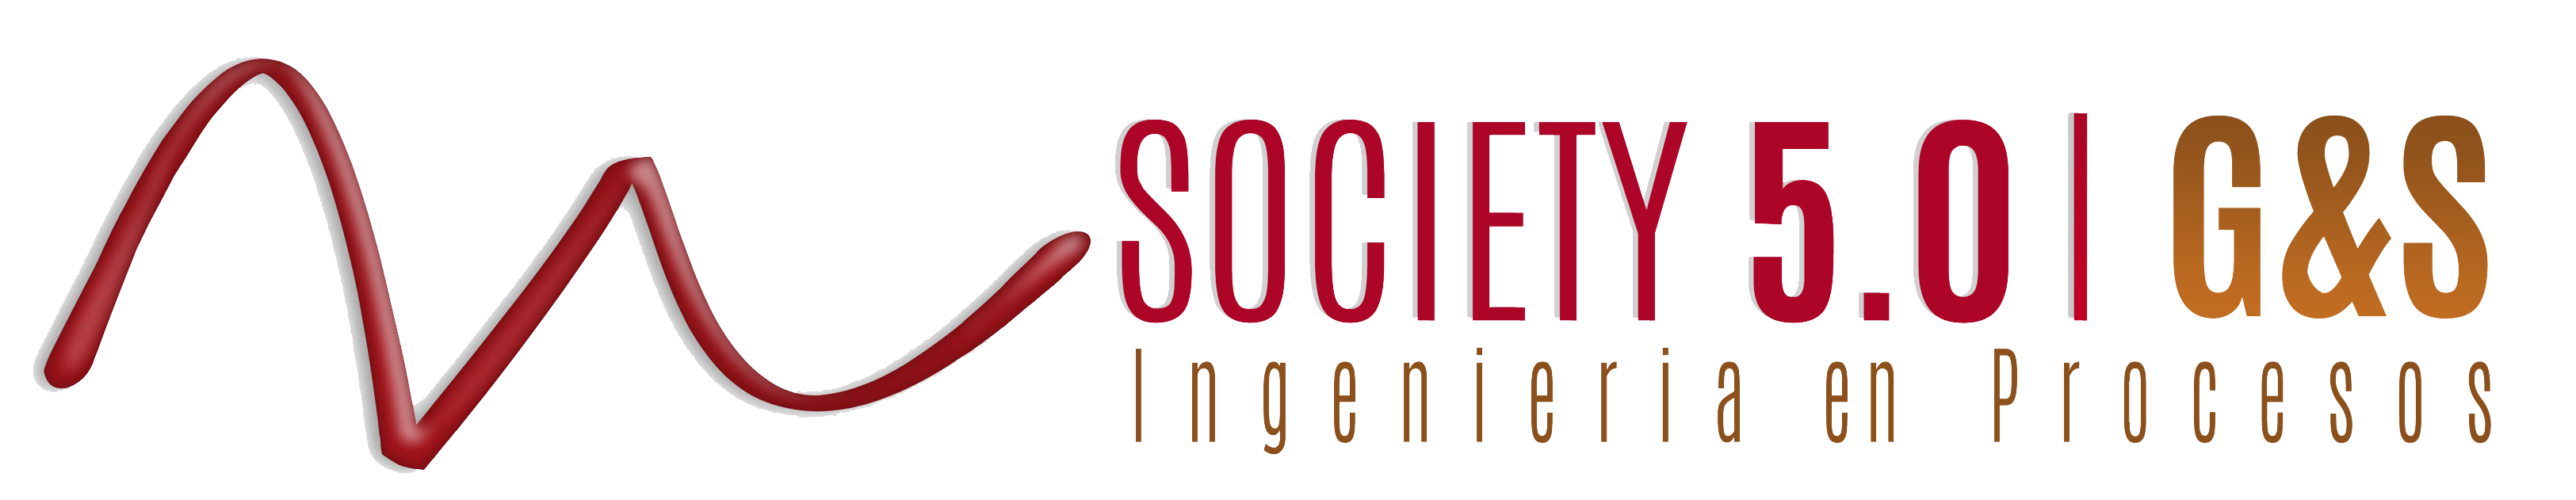 Society 5.0 Gestion y Optimizacion  de procesos